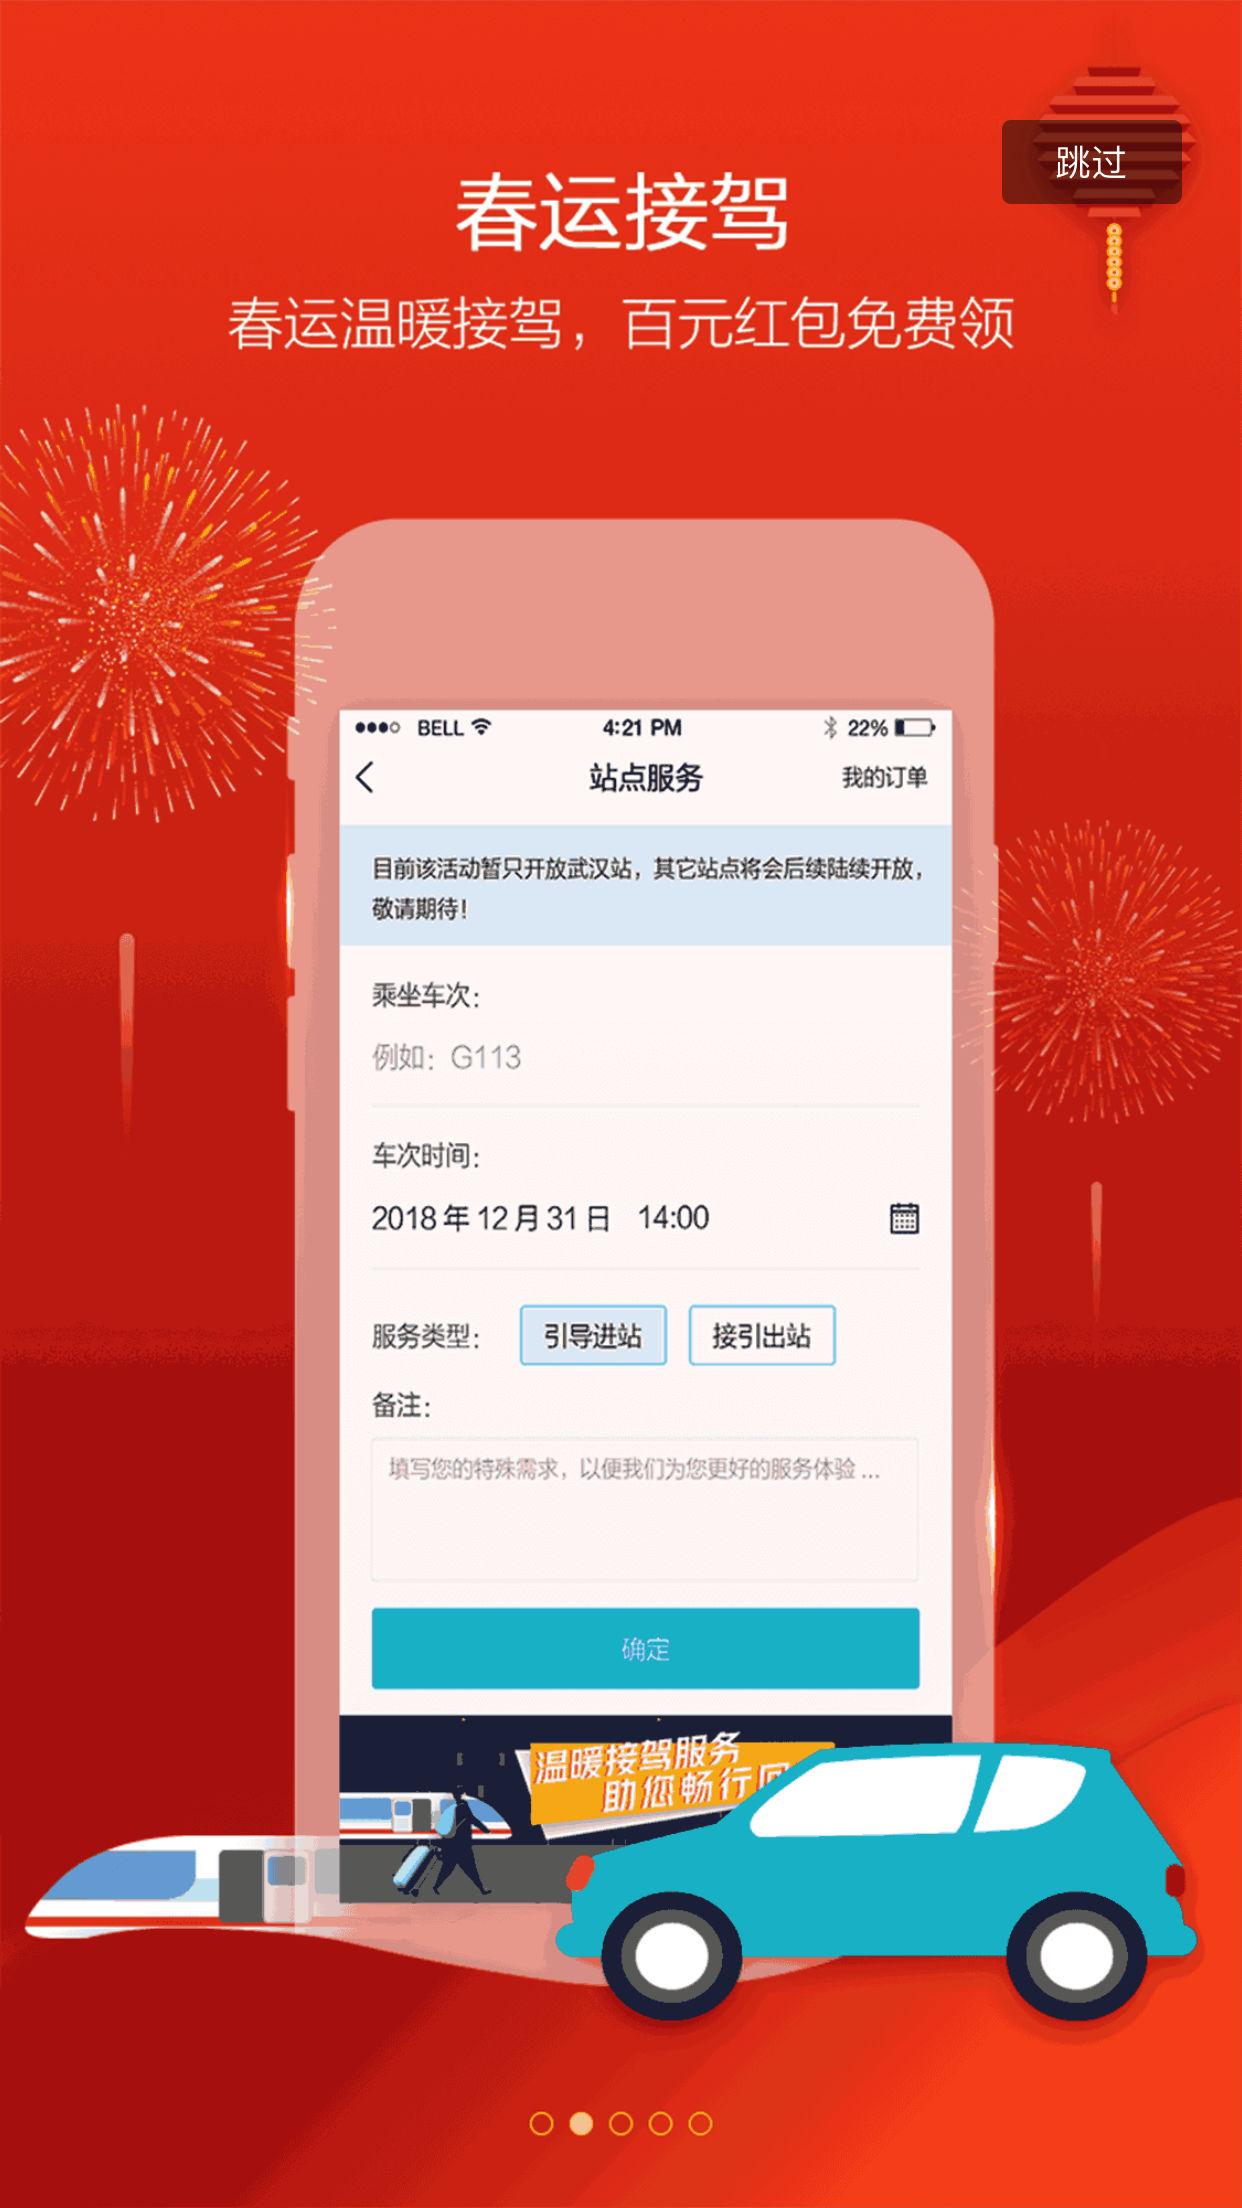 畅行九州 V2.0.3 安卓版截图4